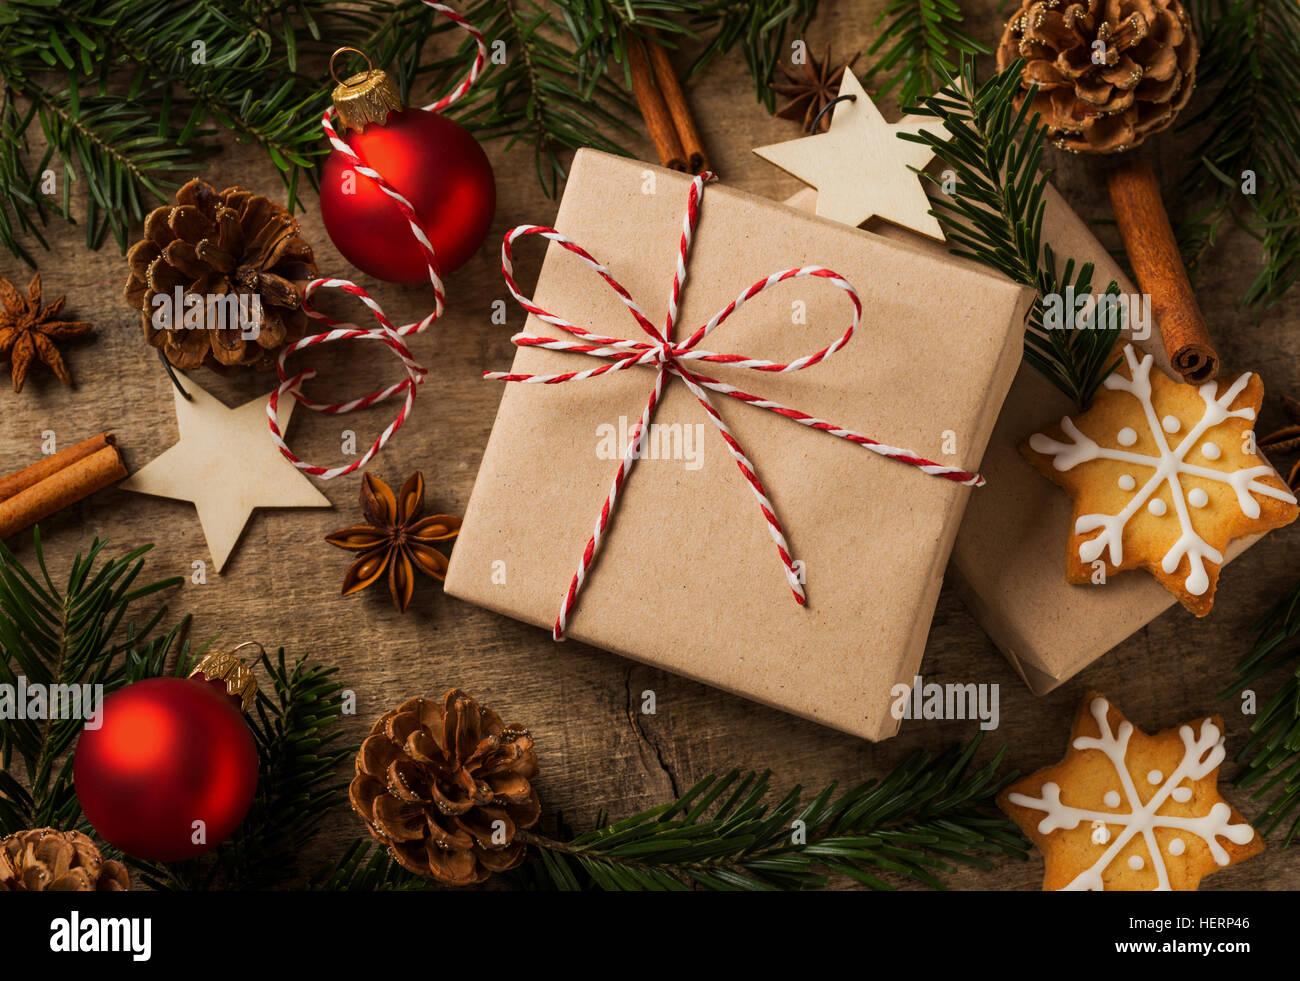 Regalo de navidad envueltos en papel kraft con decoración natural Imagen De Stock